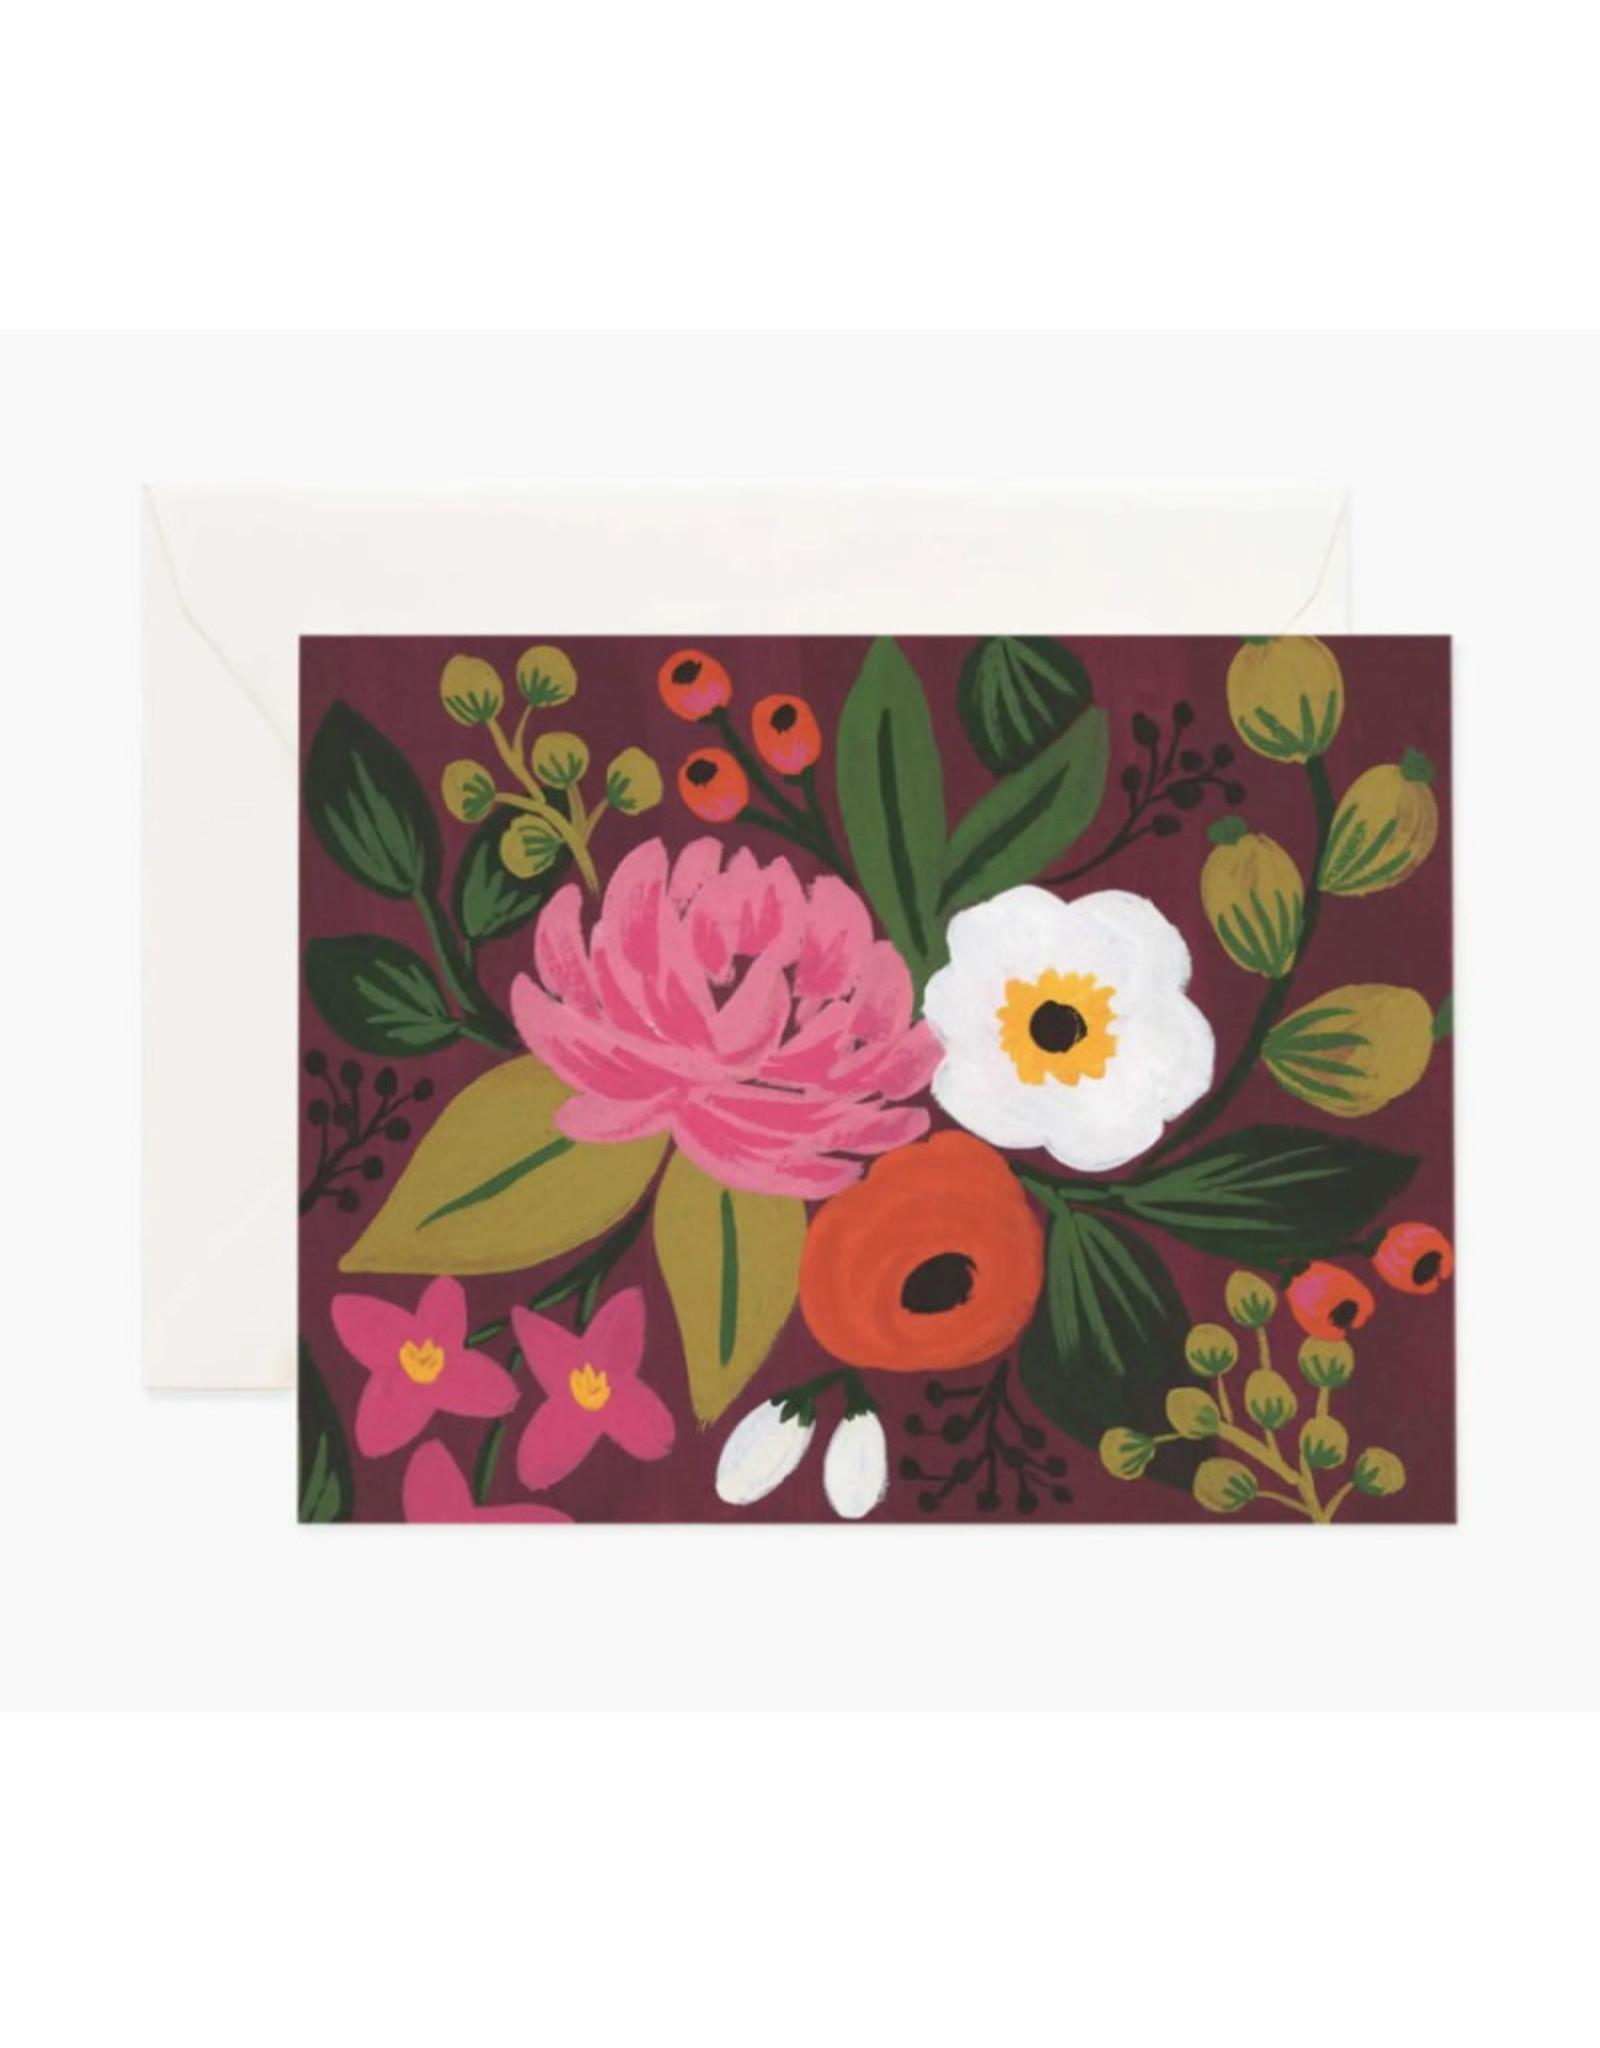 Vintage Blossoms Card - Burgundy